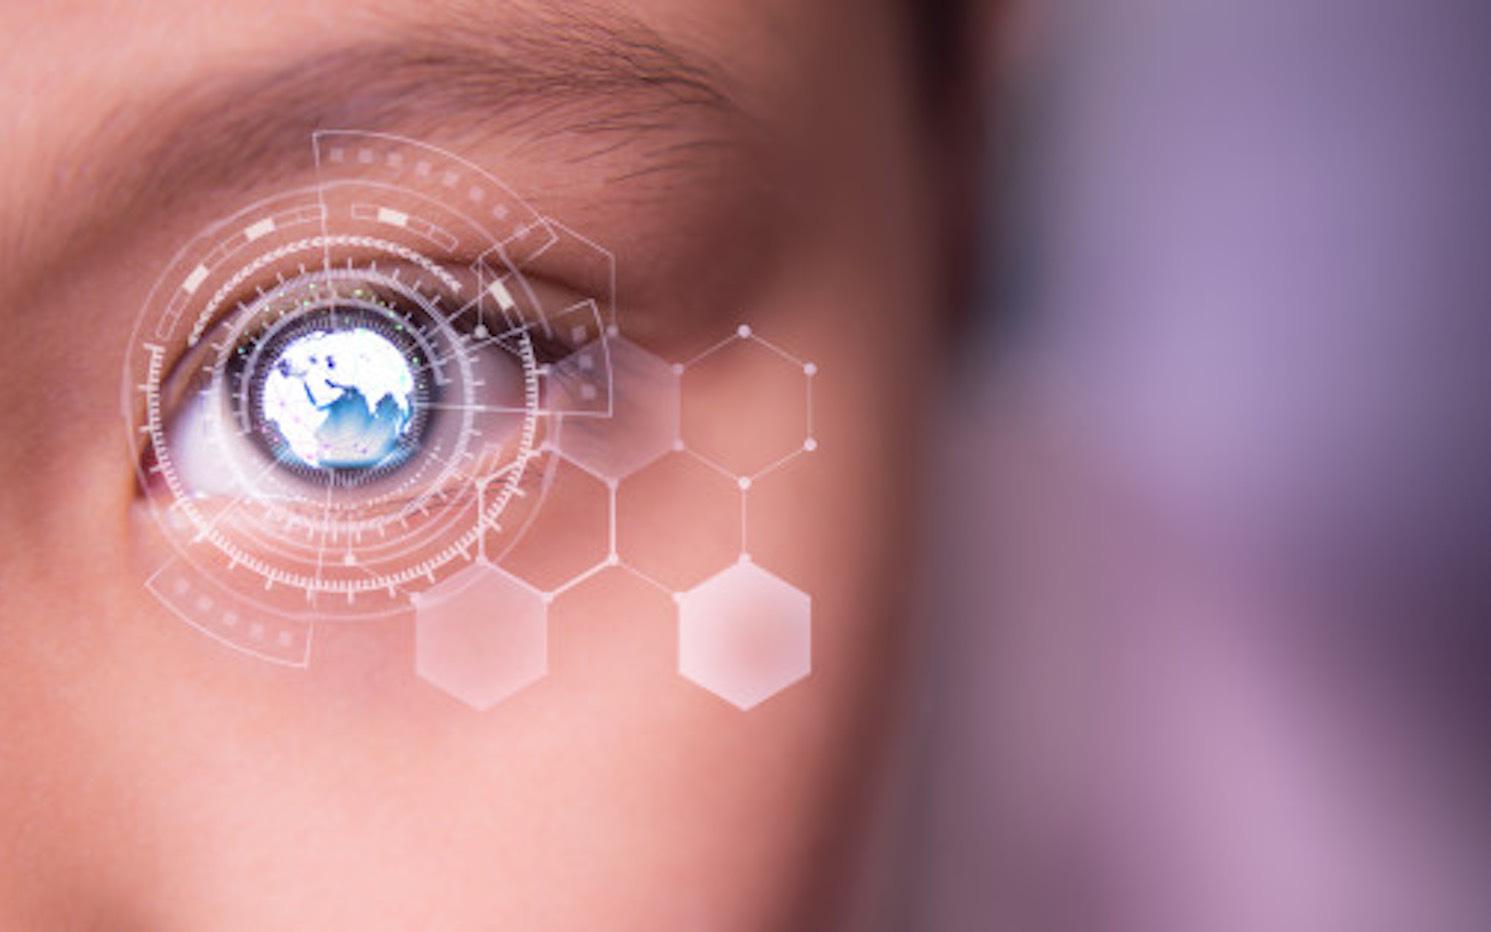 Đồng tử càng lớn thì trí thông minh càng cao, mối quan hệ giữa mắt và não có thể phức tạp hơn bạn nghĩ rất nhiều